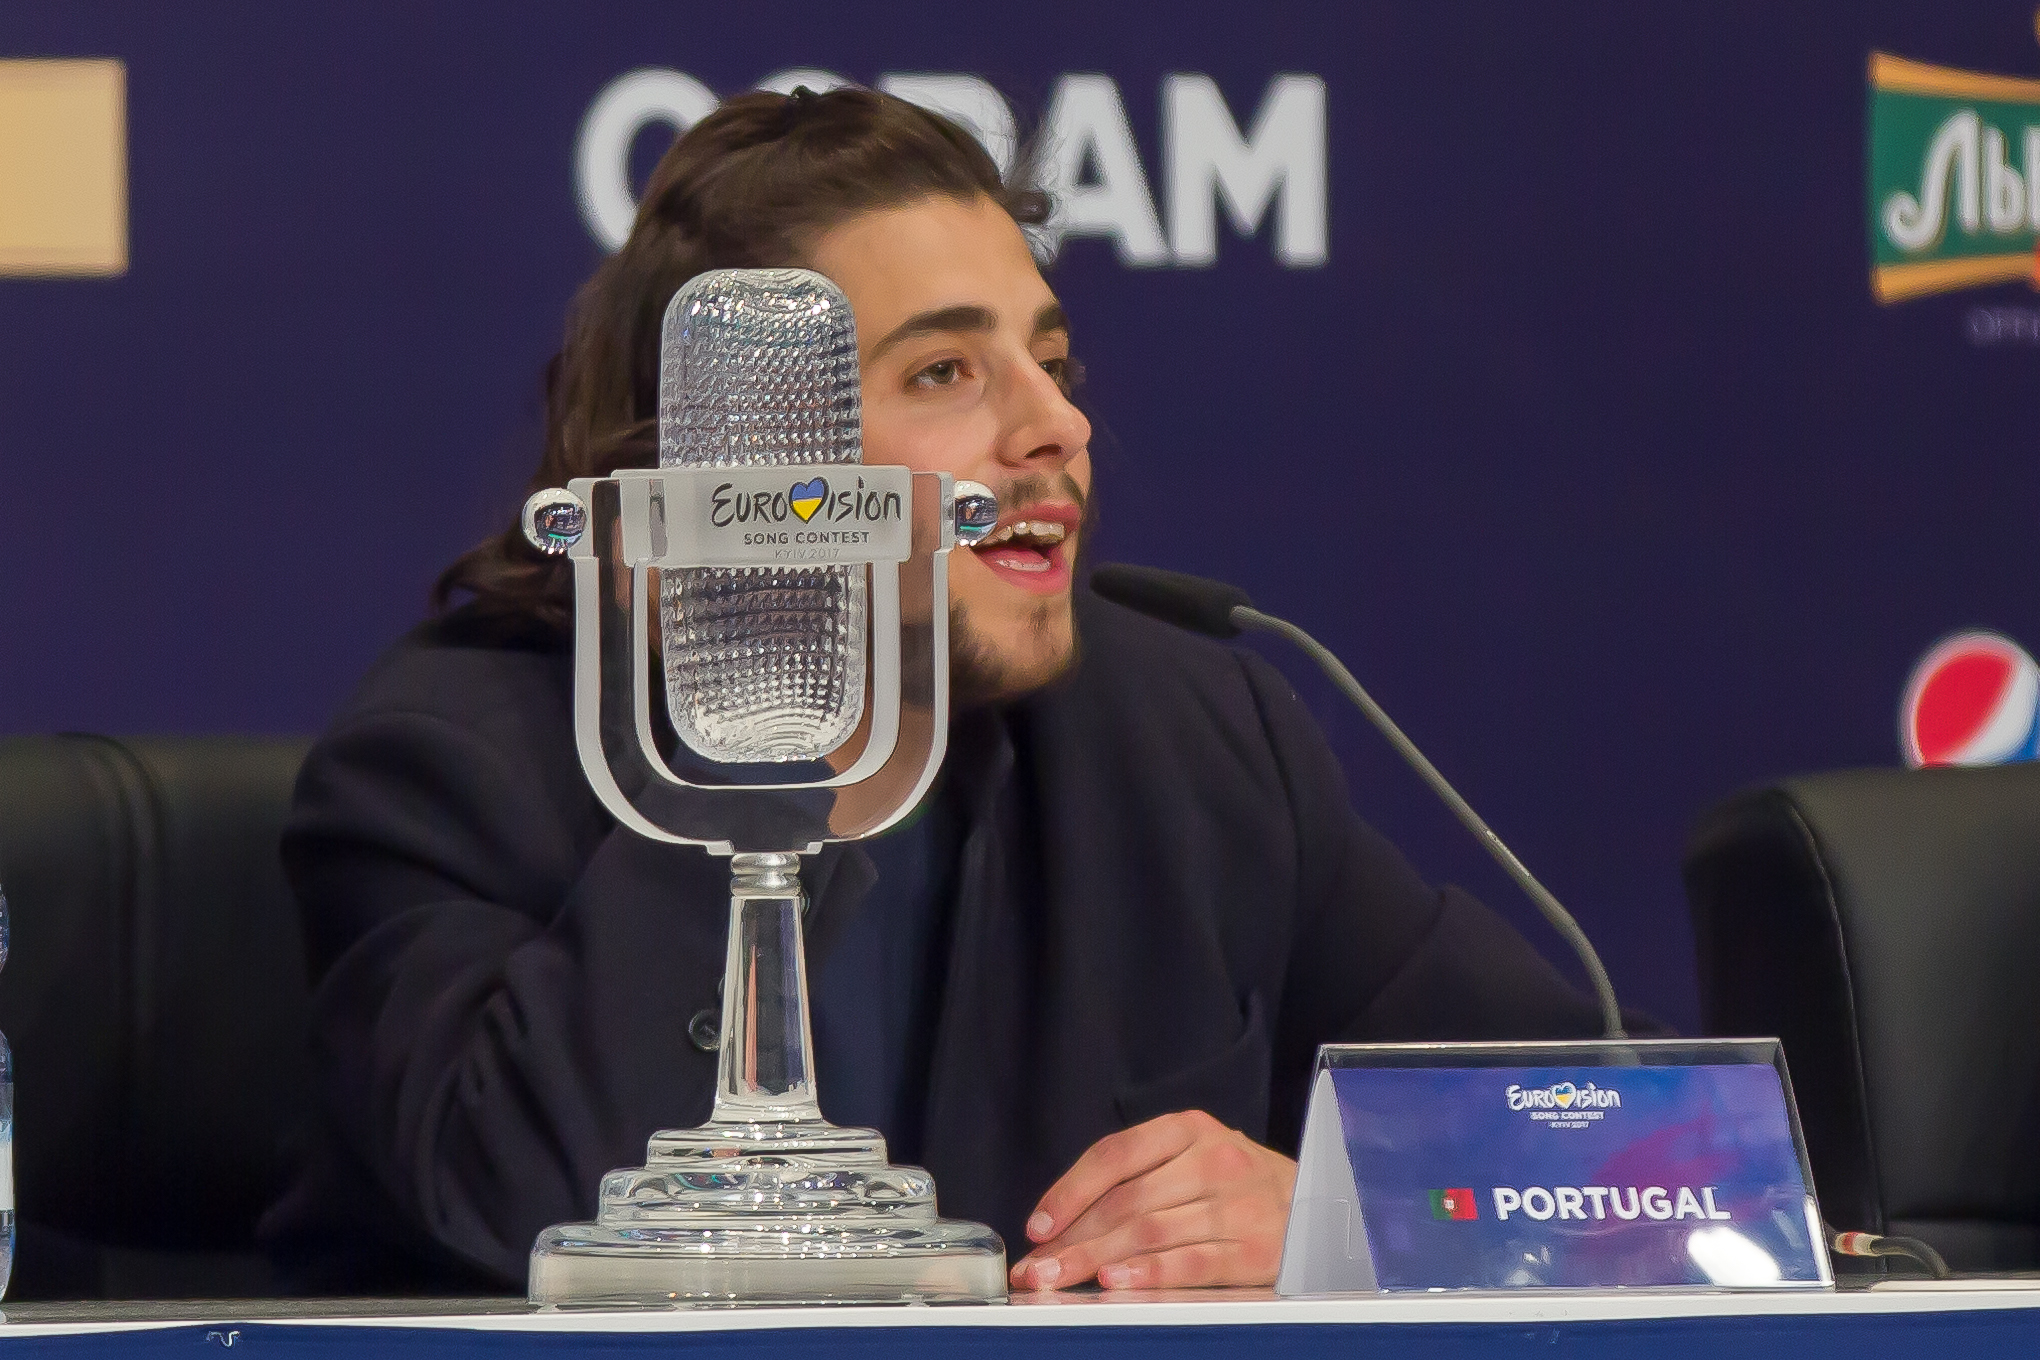 Salvador Sobral Eurovisionary Eurovision News Worth